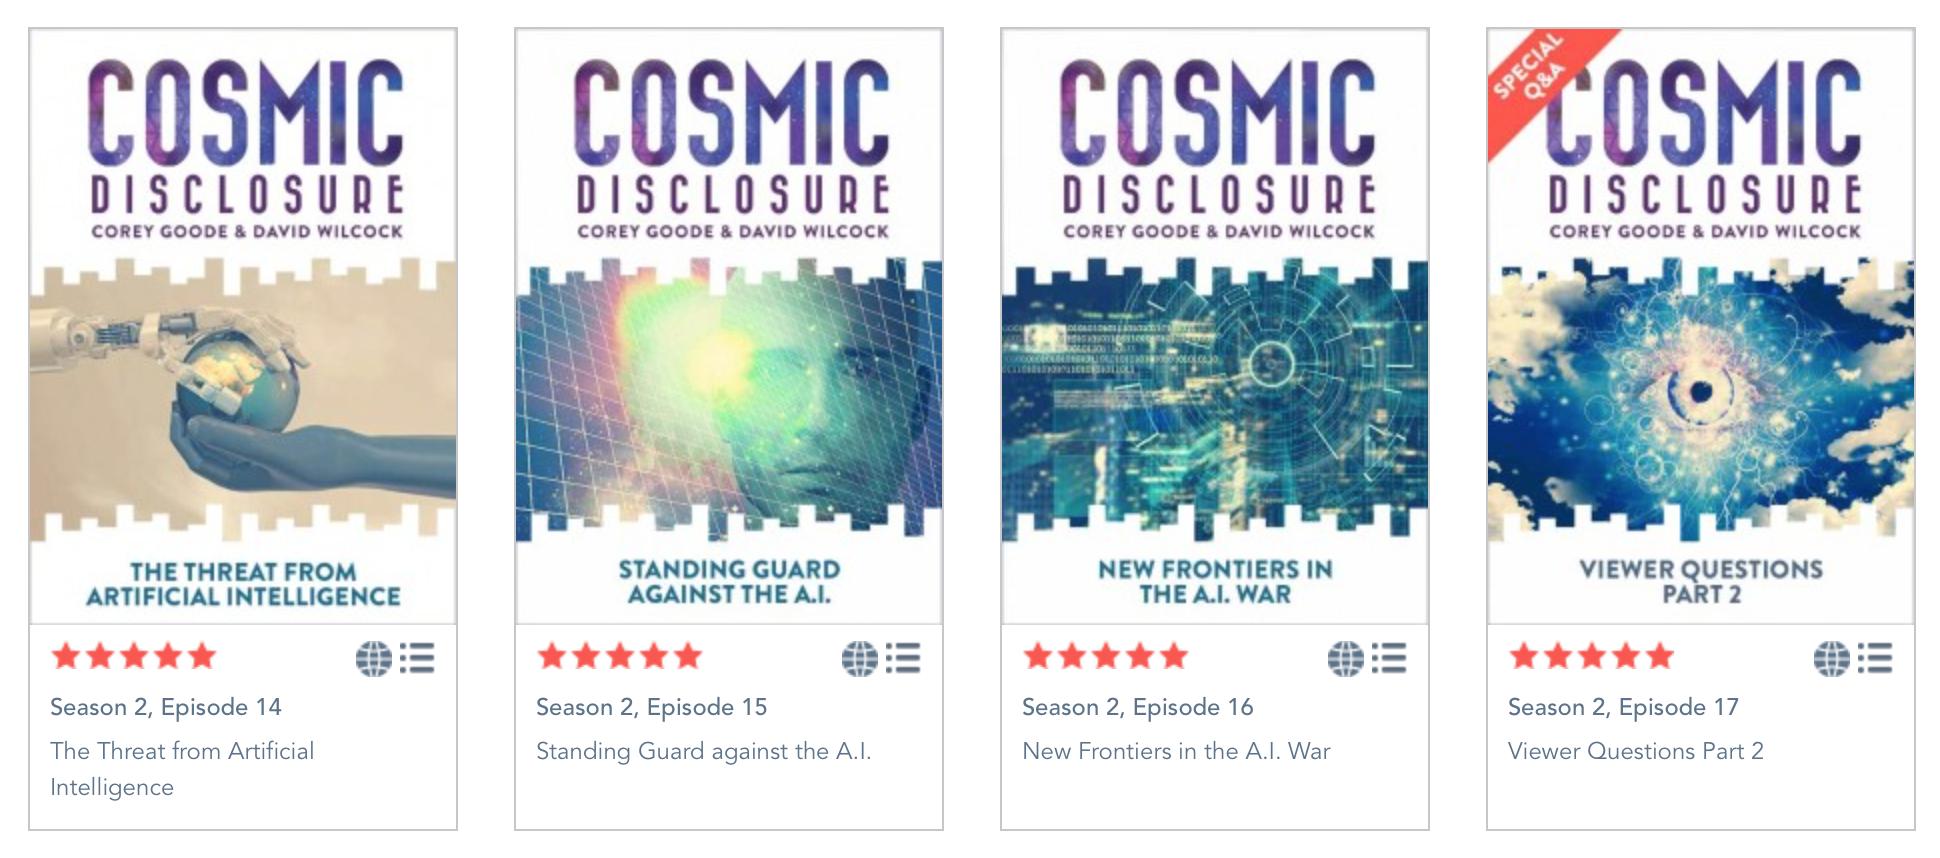 CosmicDisclosure_Dec2015.jpg